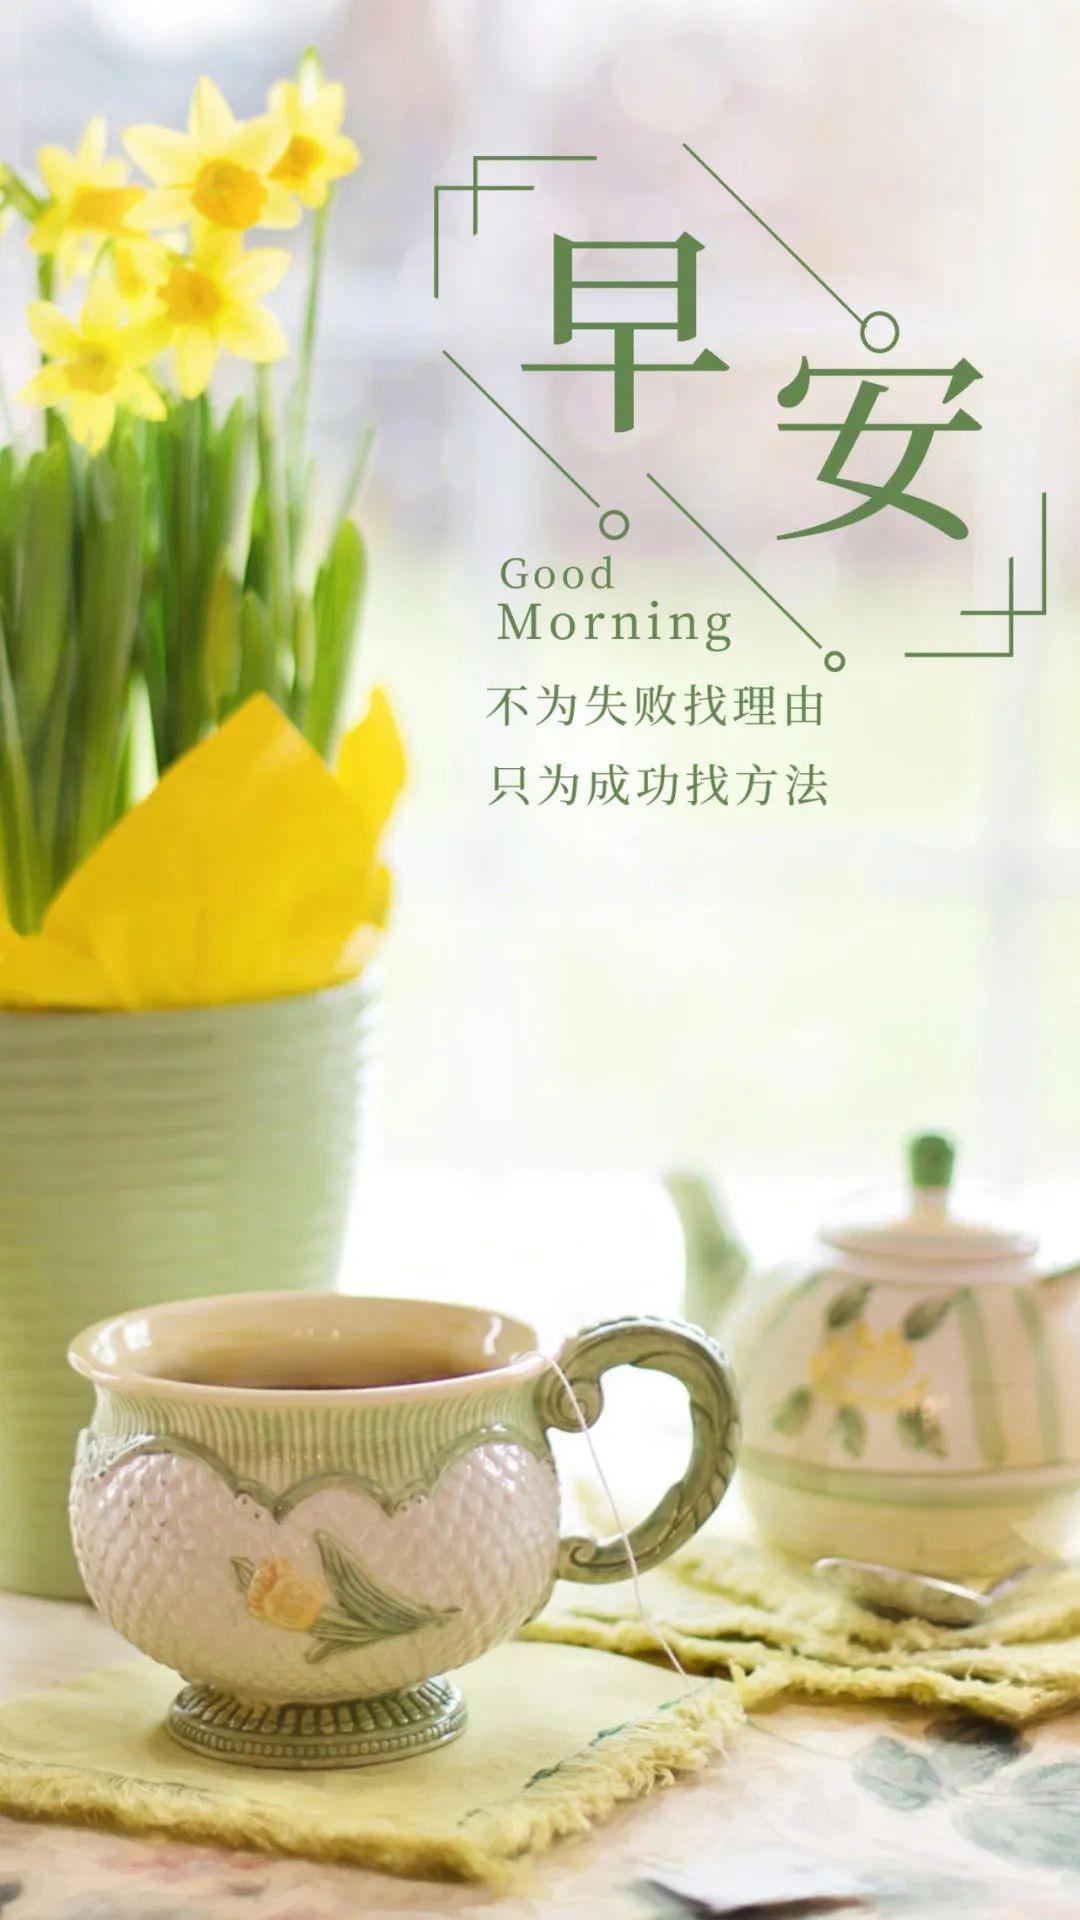 元气满满的早安阳光短句,直击内心的问候心灵鸡汤!